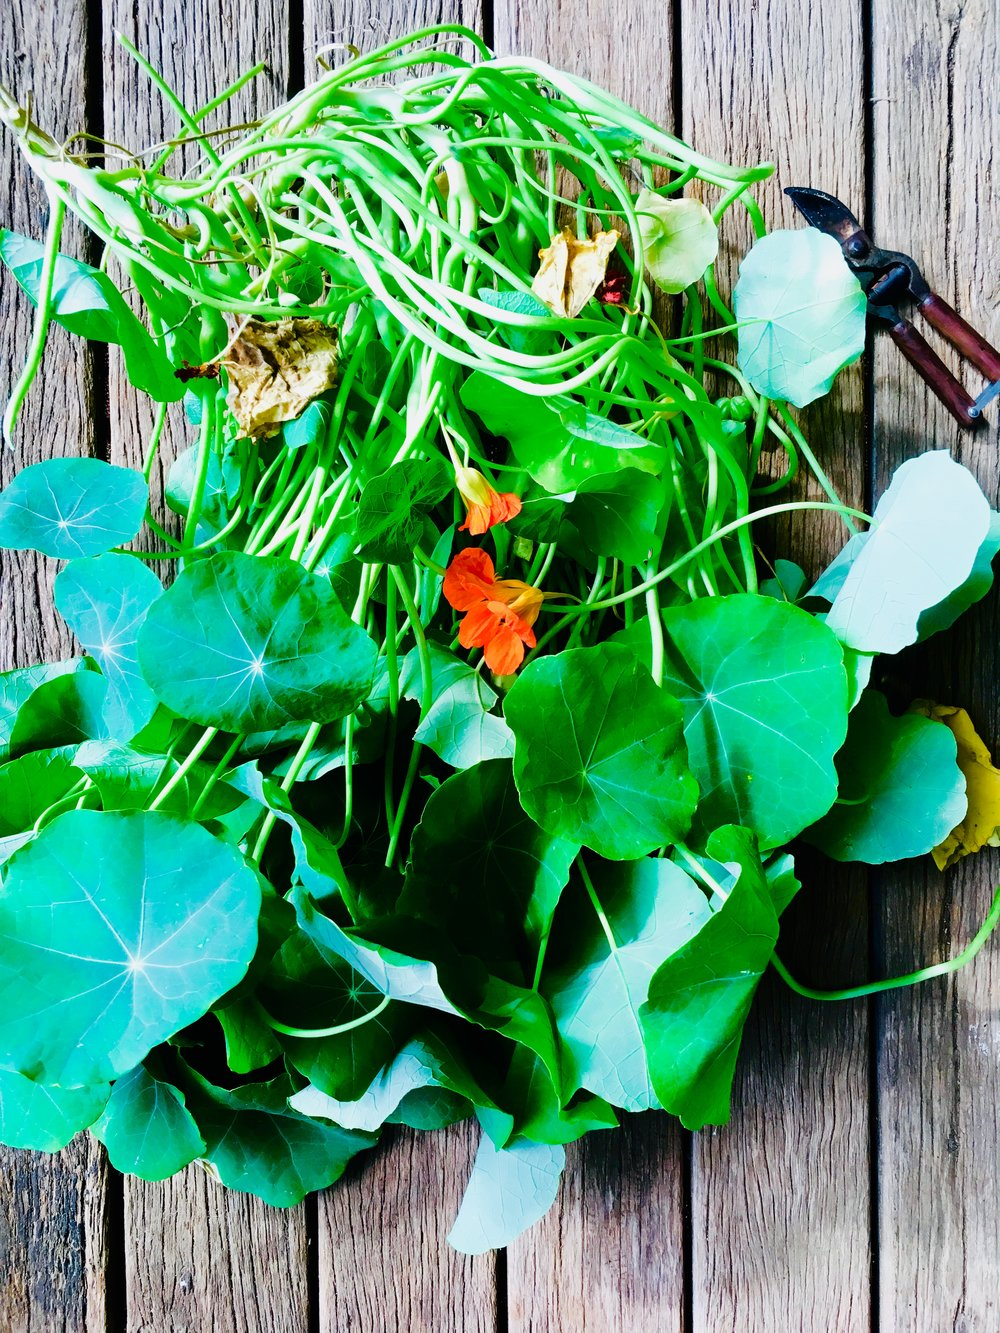 nasturtium-leaves.jpg